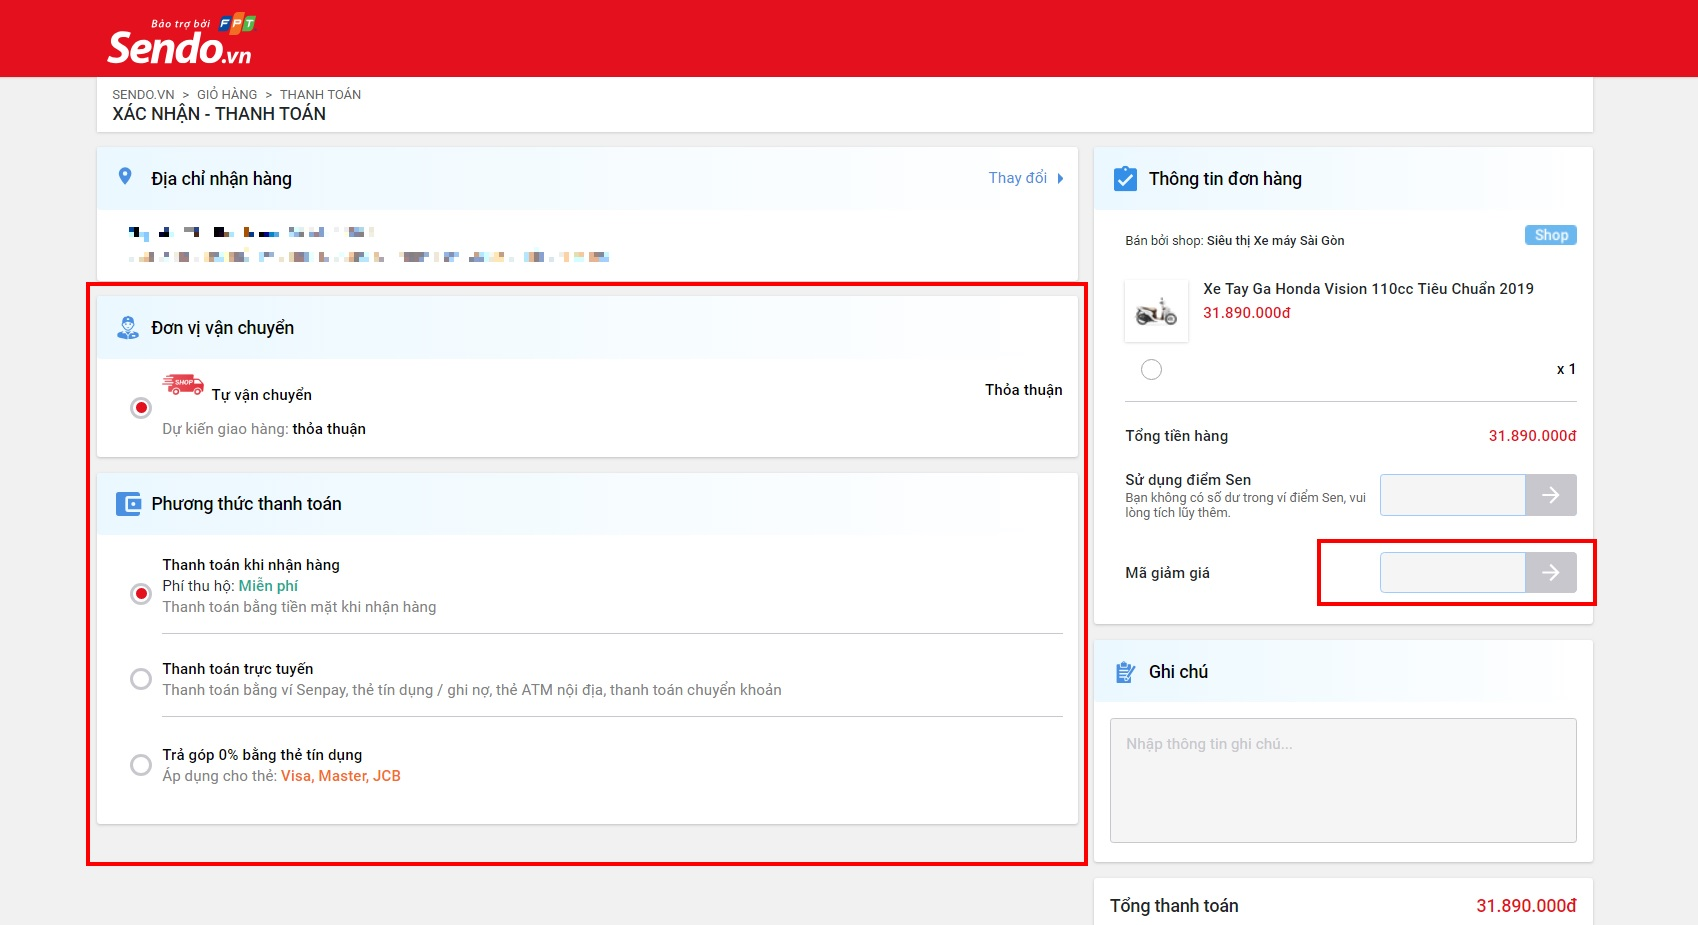 Hướng dẫn mua xe máy Online trên Sendo, nhập mã giảm giá và chọn phương thức thanh toán